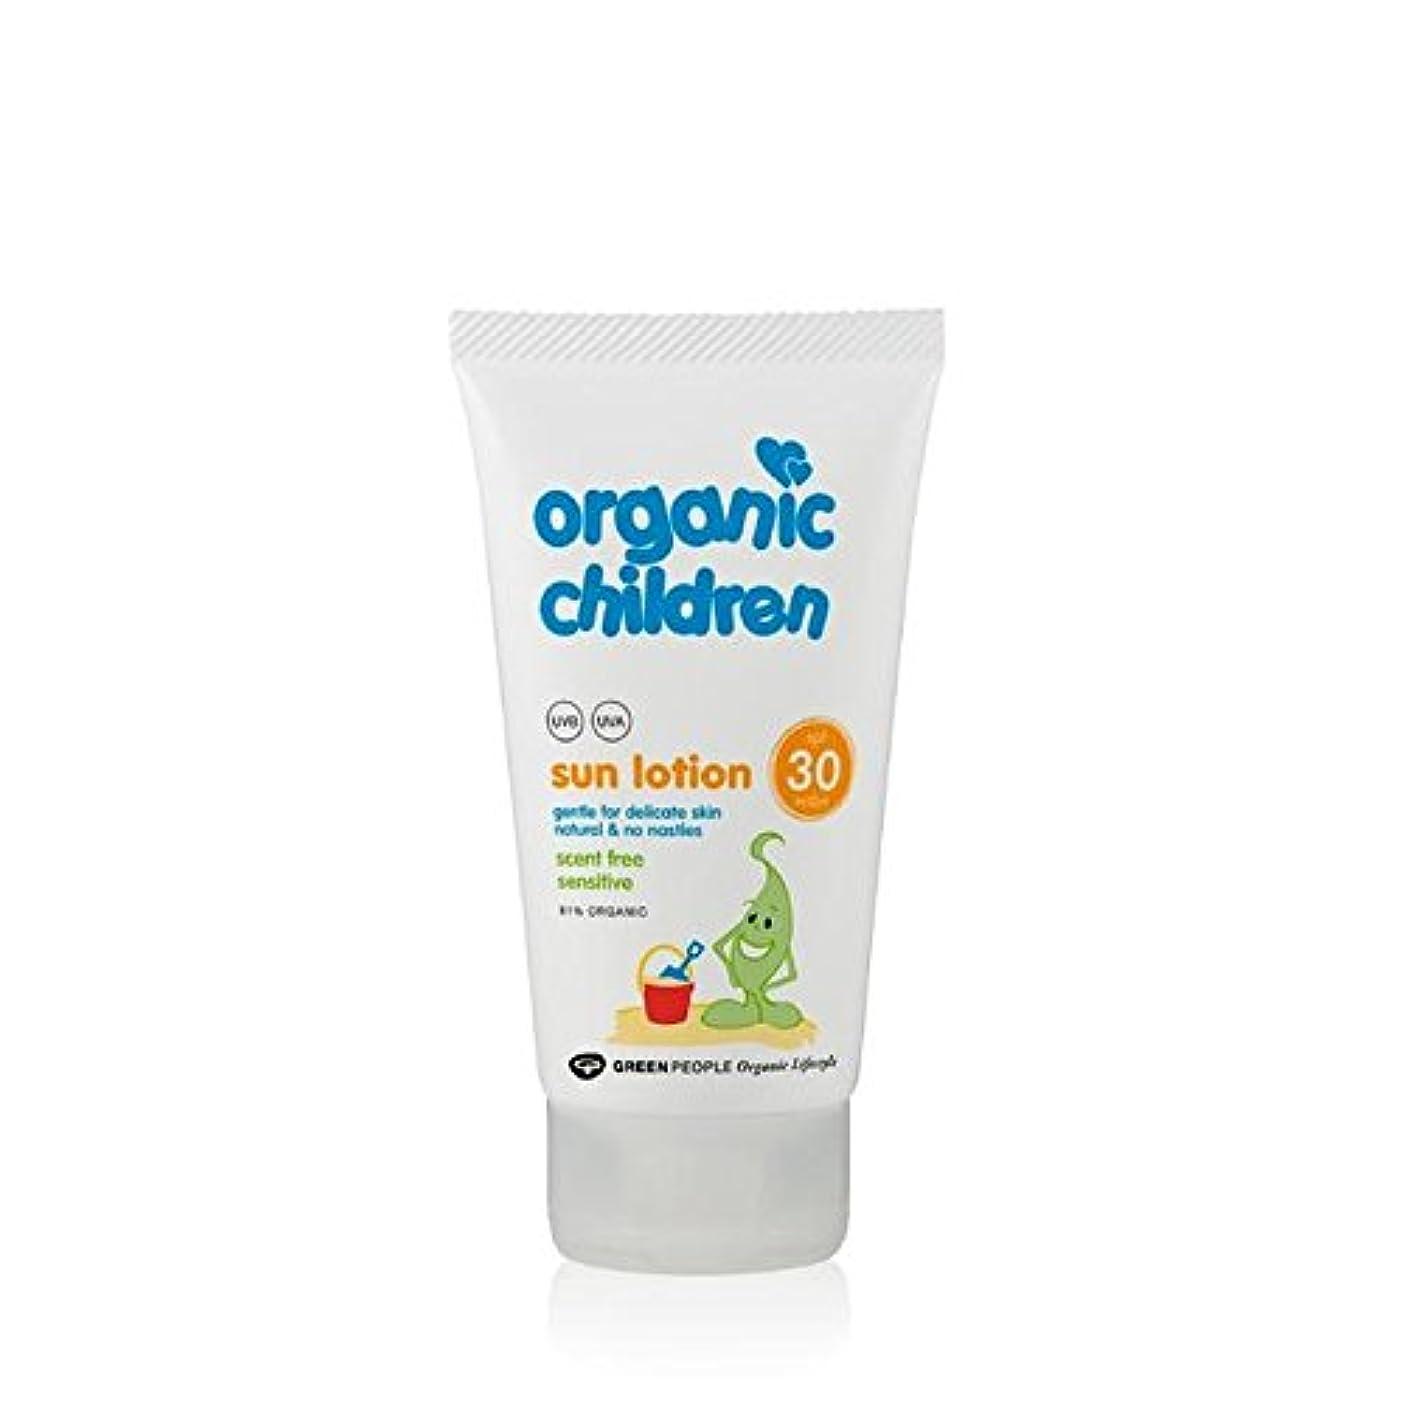 リーズブラシ費やす有機子ども30の香り無料のサンローション150 x4 - Organic Children SPF30 Scent Free Sun Lotion 150ml (Pack of 4) [並行輸入品]